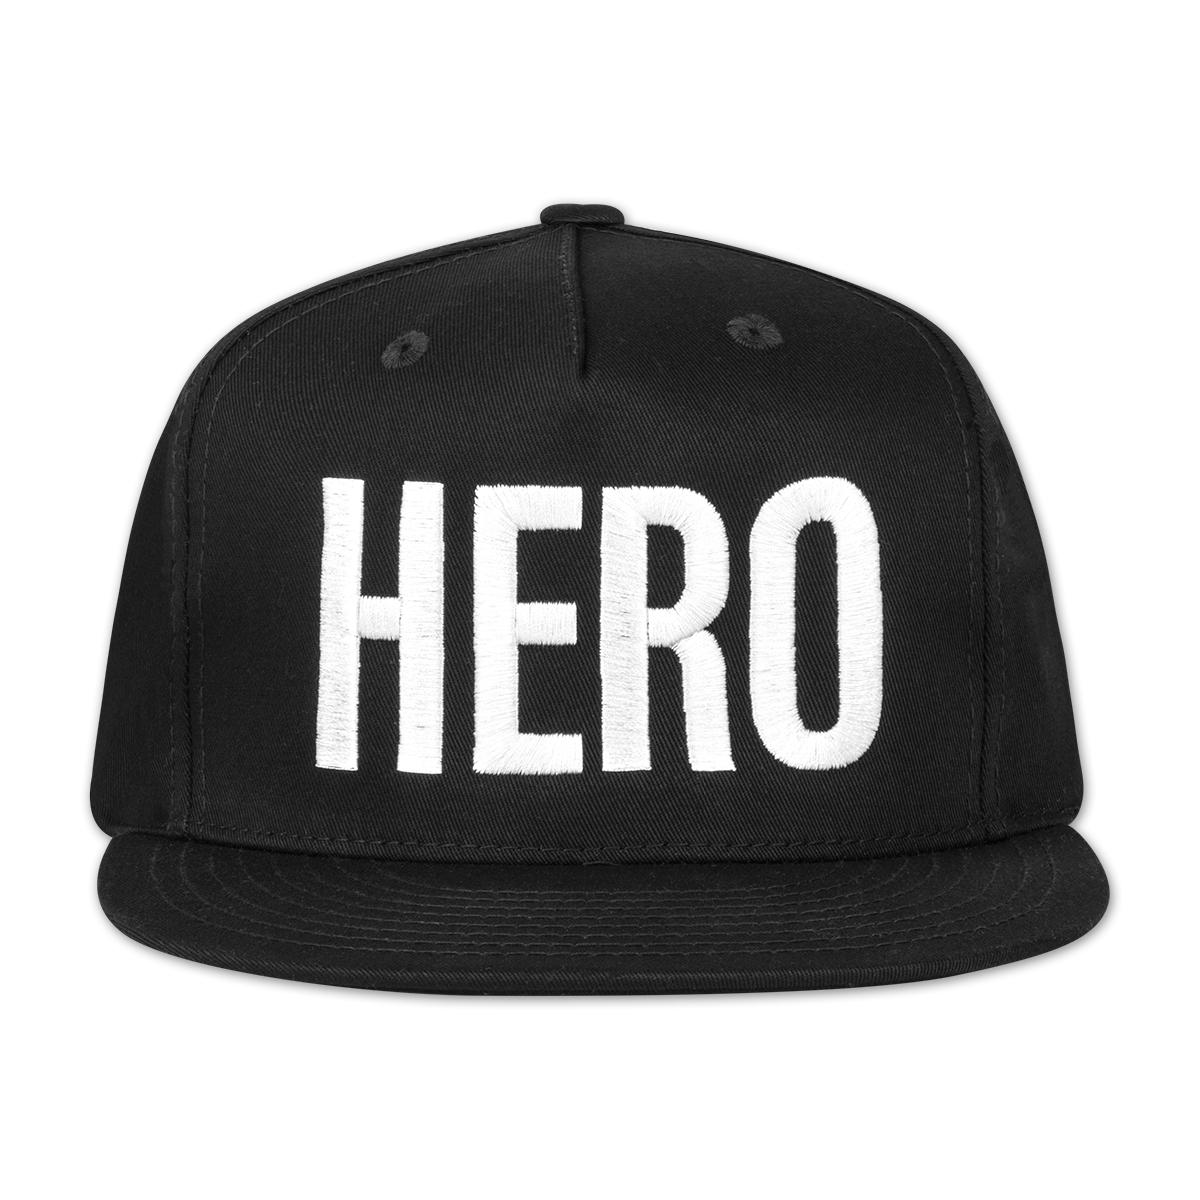 Maren Morris HERO Flat-Brimmed Hat